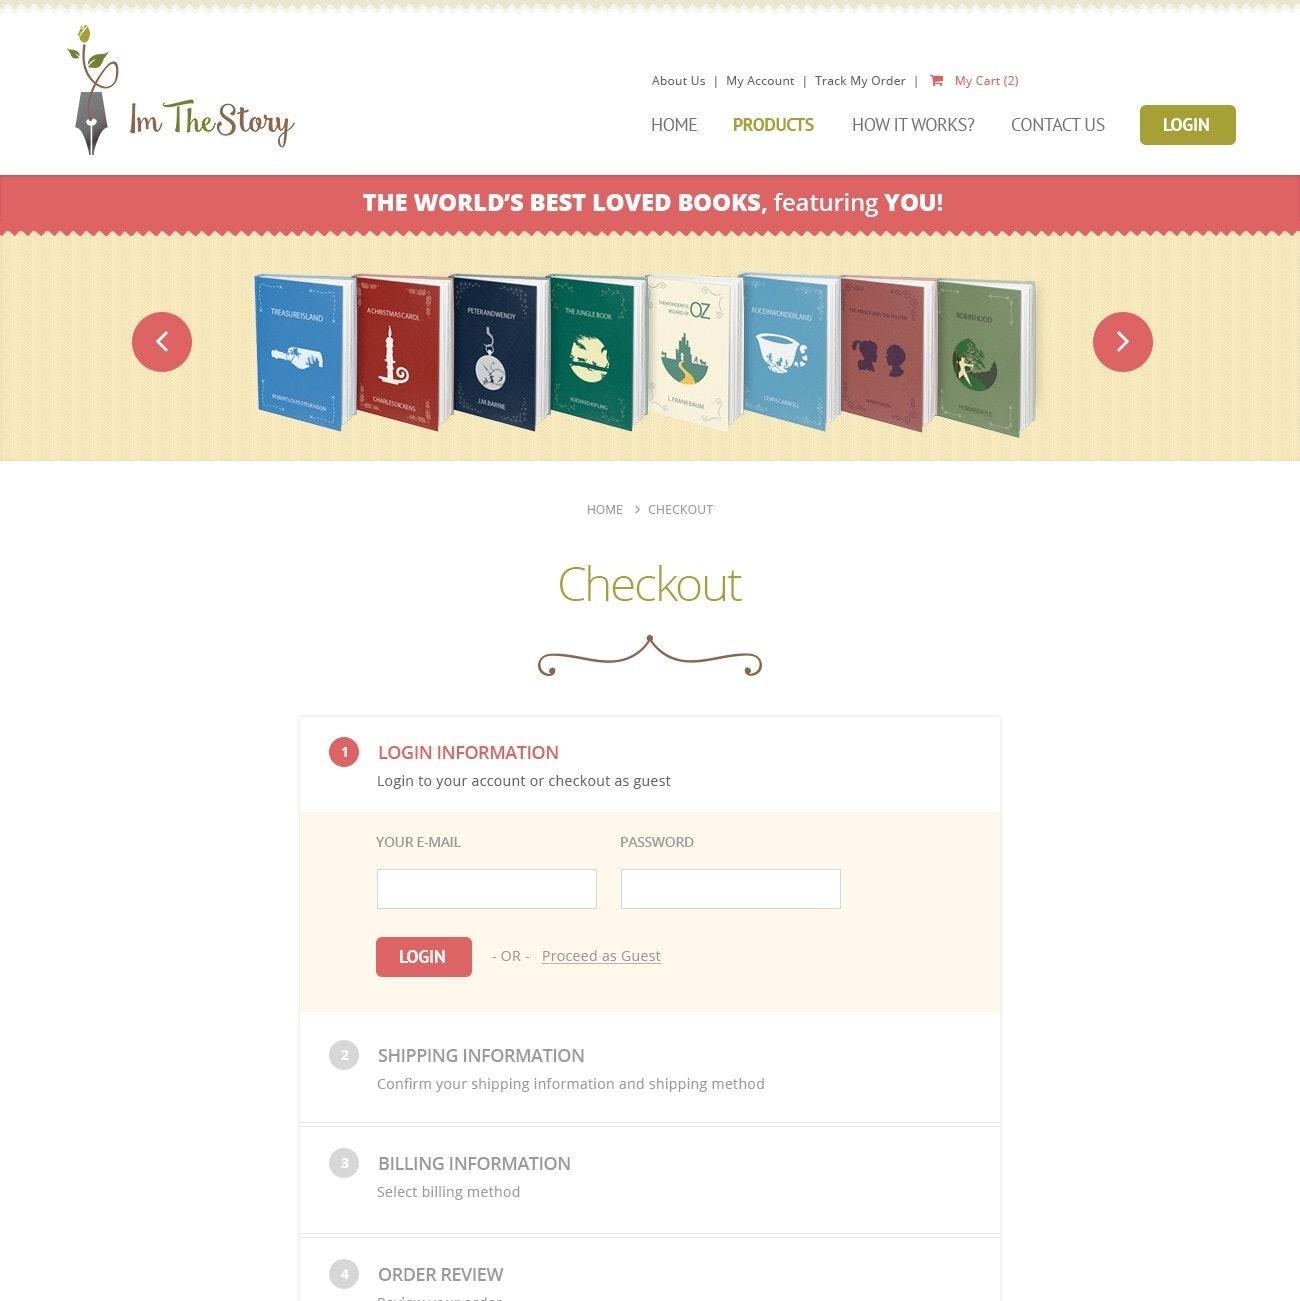 I'm The Story website design